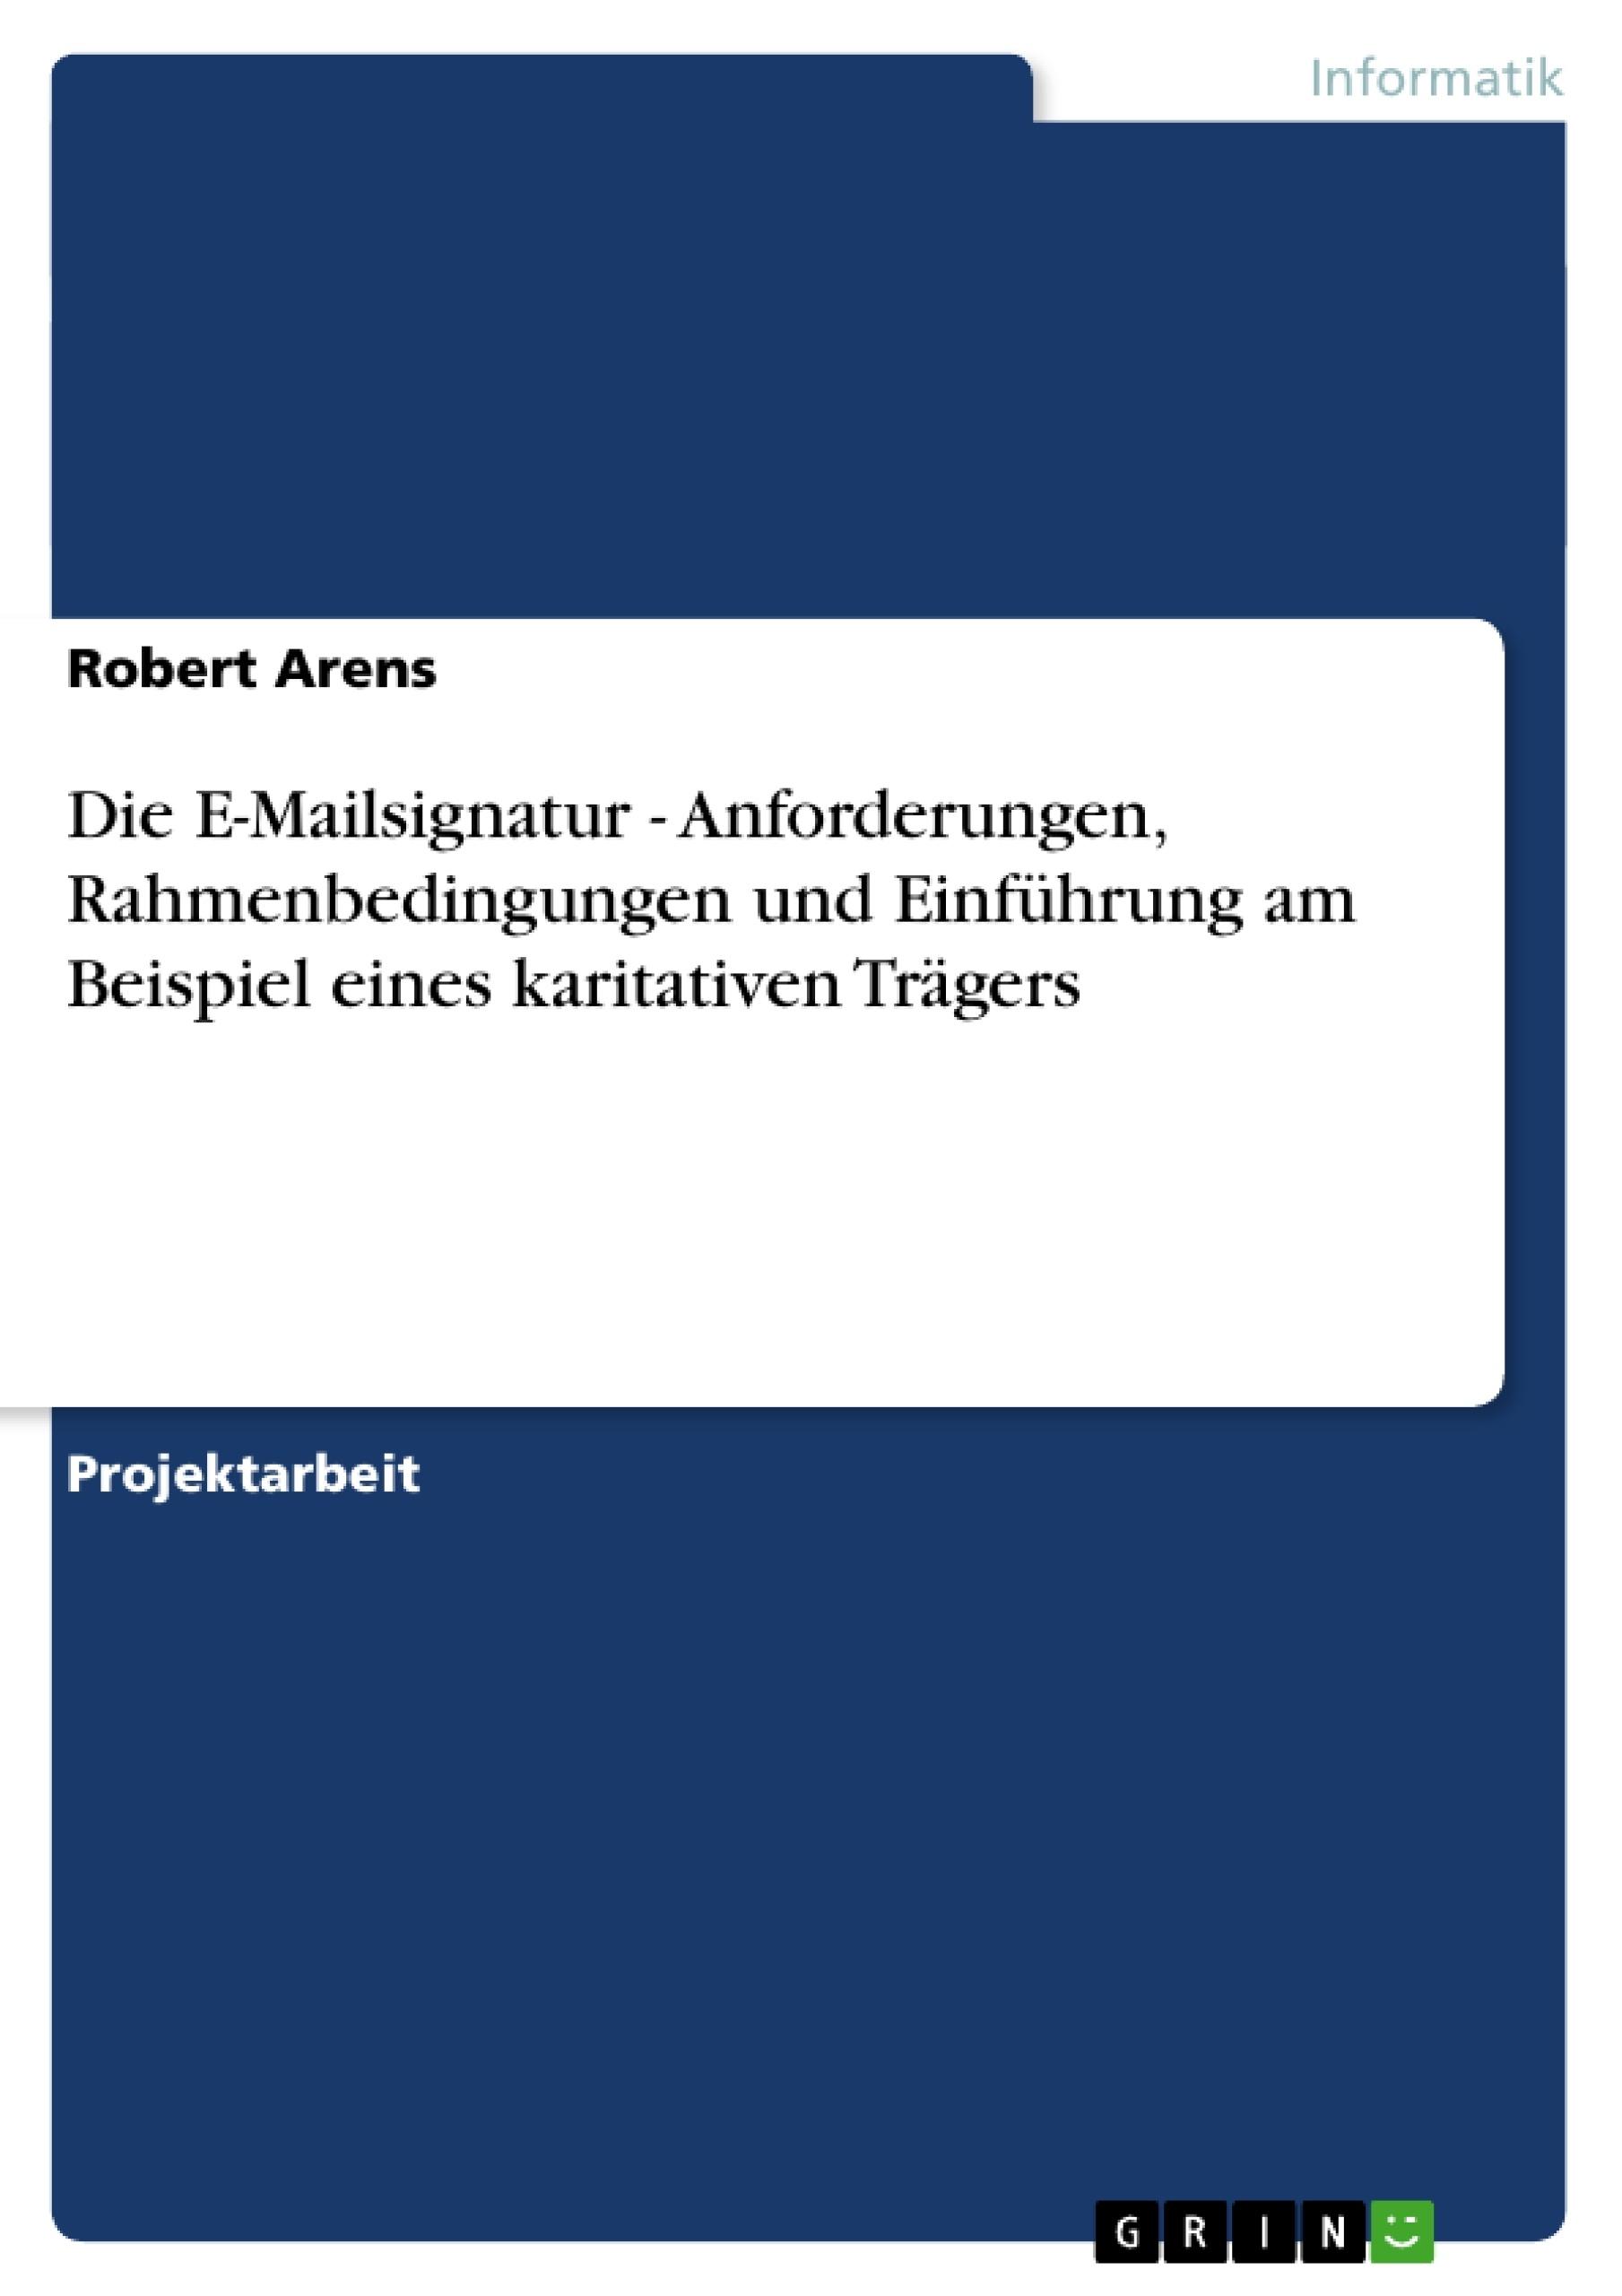 Titel: Die E-Mailsignatur - Anforderungen, Rahmenbedingungen und Einführung am Beispiel eines karitativen Trägers